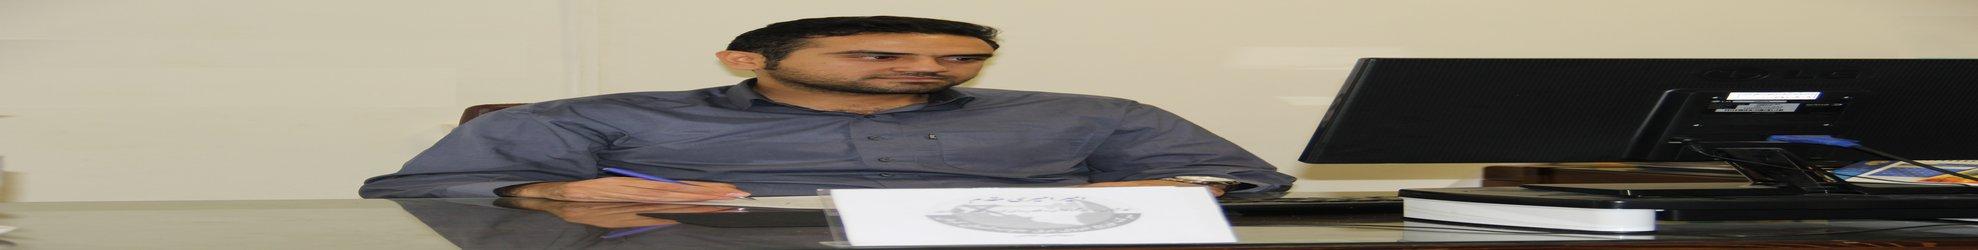 برگزاری دوره مقاله نویسی در راستای گسترش تحقیقات علمی توسط شرکت توزیع برق جنوب استان کرمان